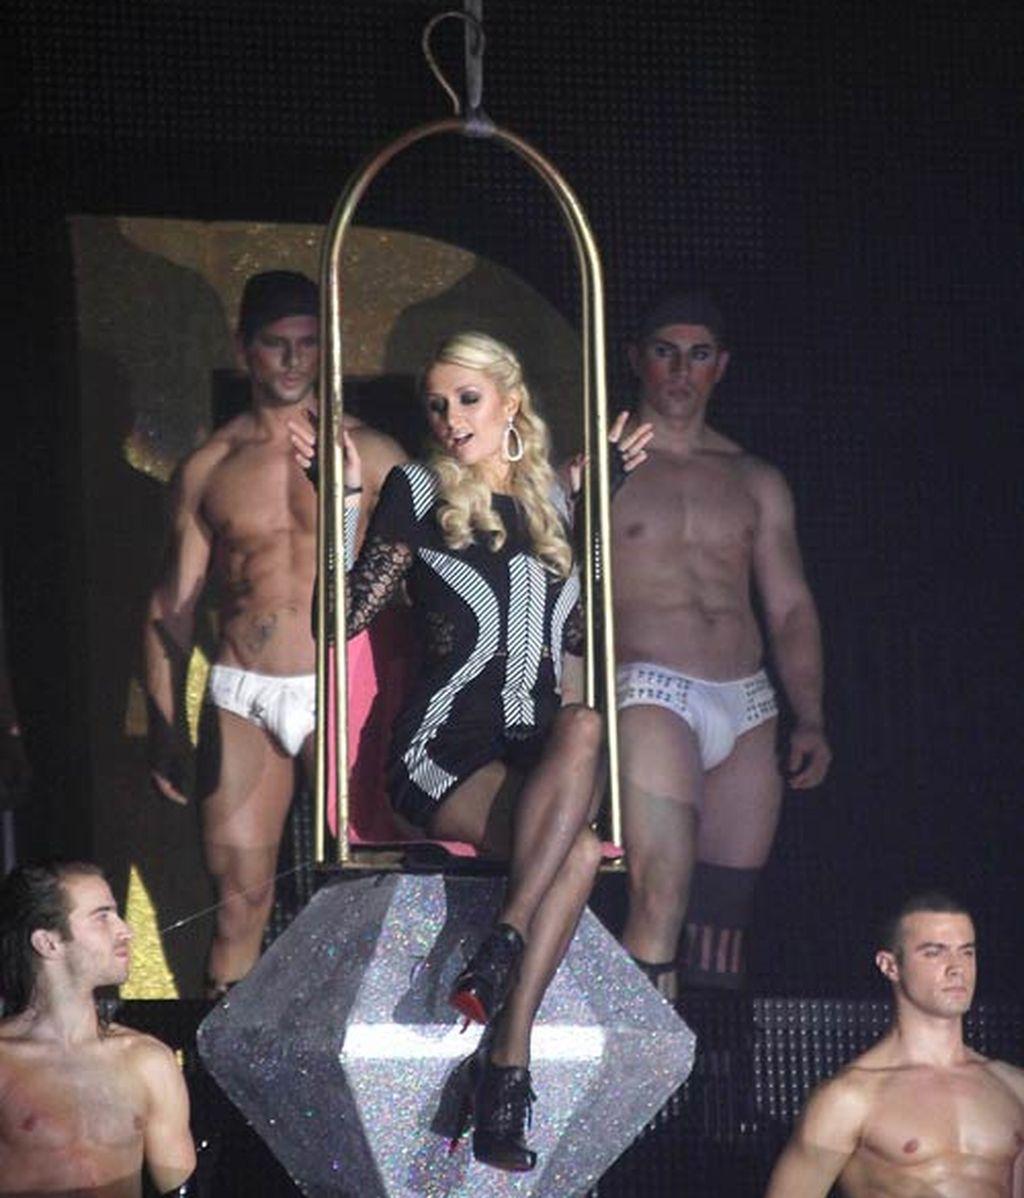 Lo mejor de la visita de Paris Hilton, en fotos